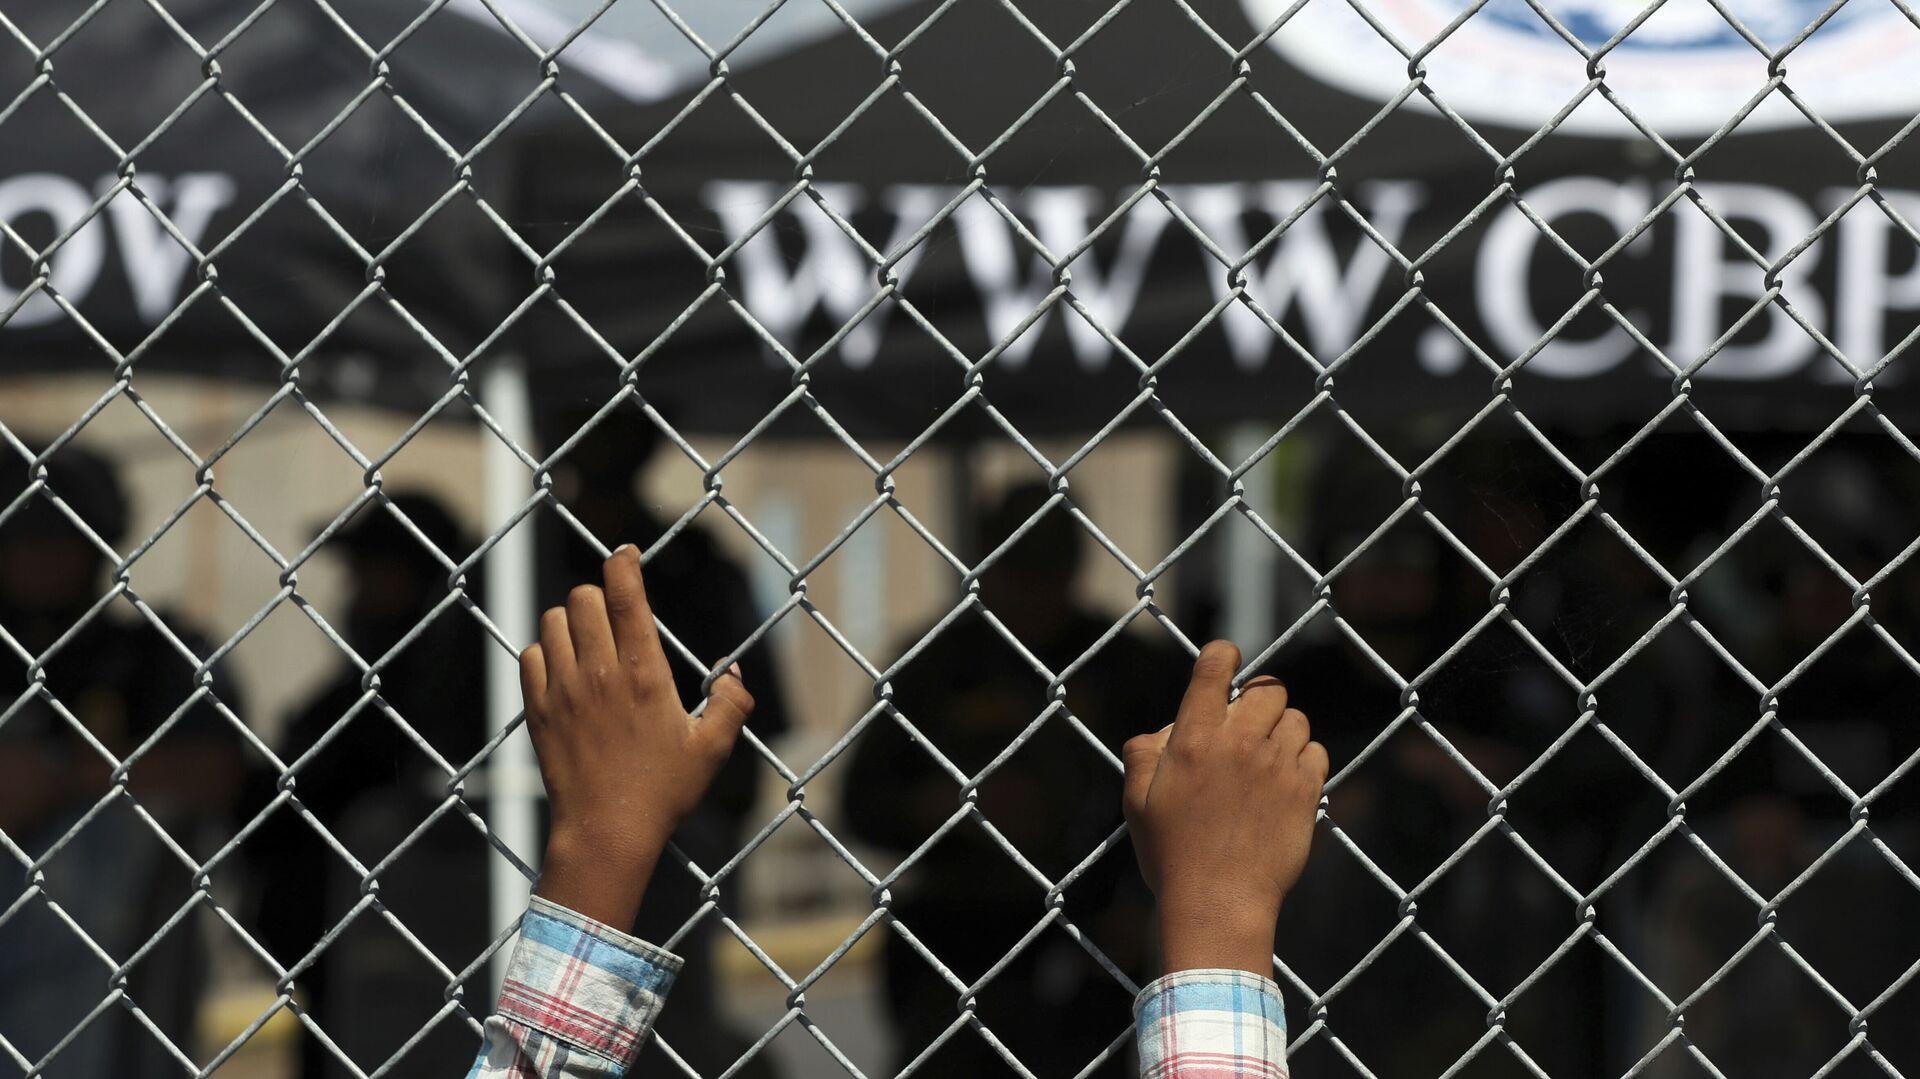 Migrante en la frontera entre EEUU y México (archivo) - Sputnik Mundo, 1920, 03.05.2021